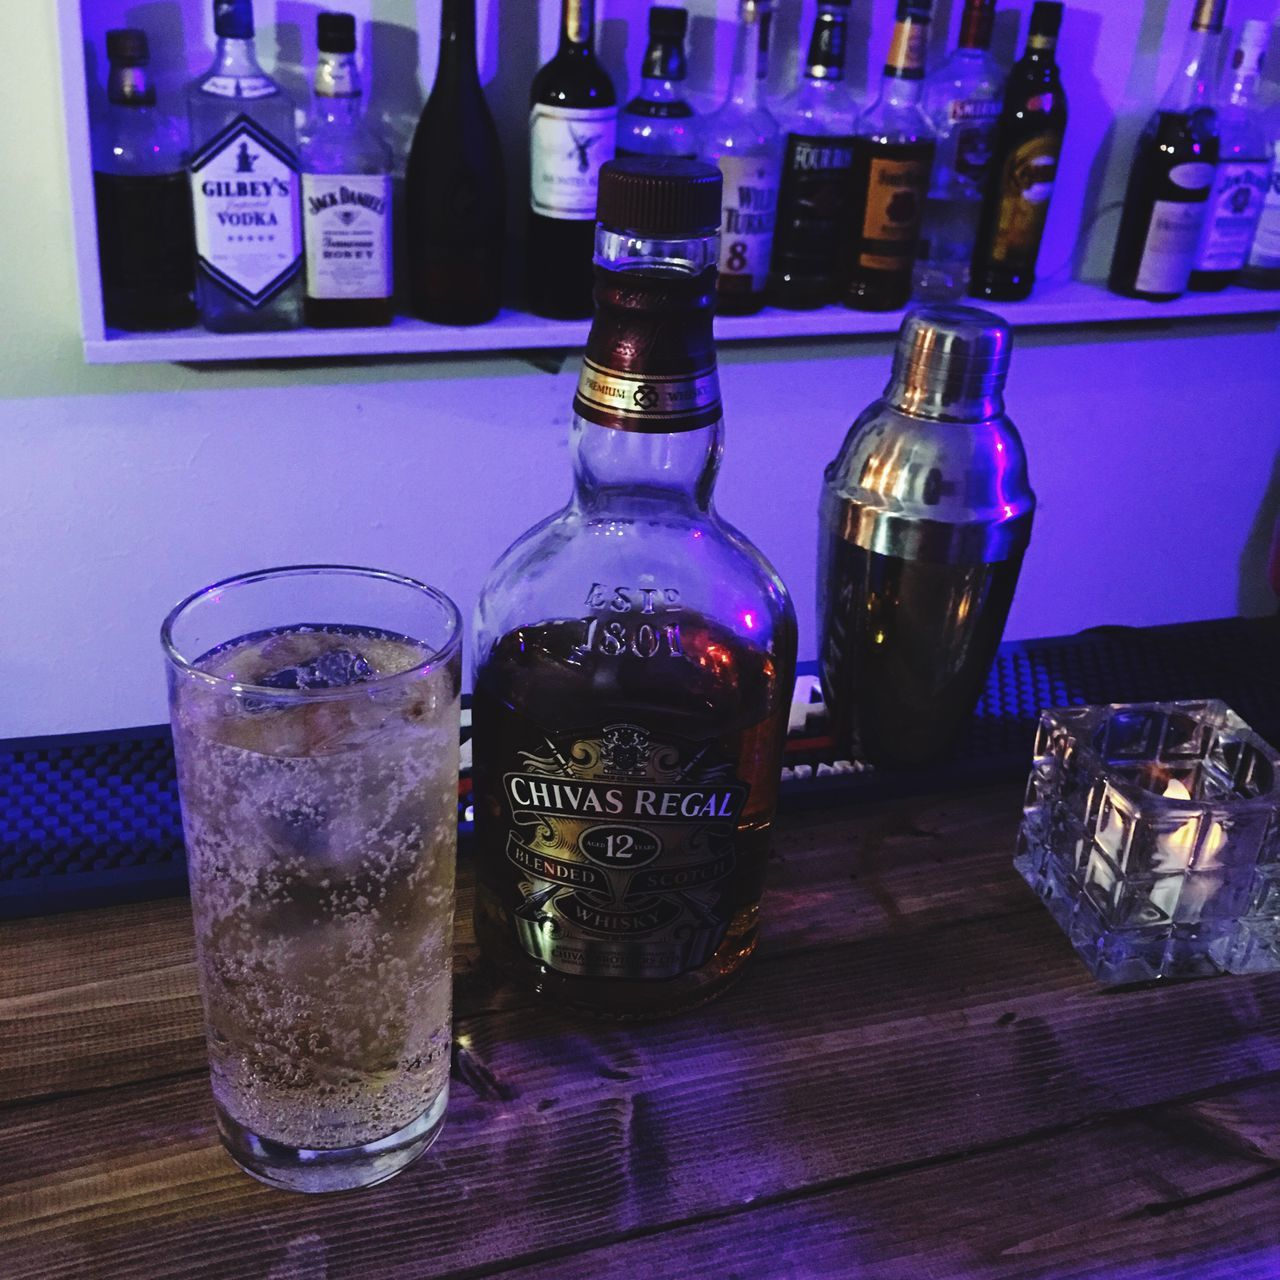 Chivasregal Chivas Regal Chivas Regal 12 Years 宅飲み うち飲み 家飲み Homebar Onmytable Onthetable ハイボール 一人飲み Scotch & Soda Scotch Whiskey